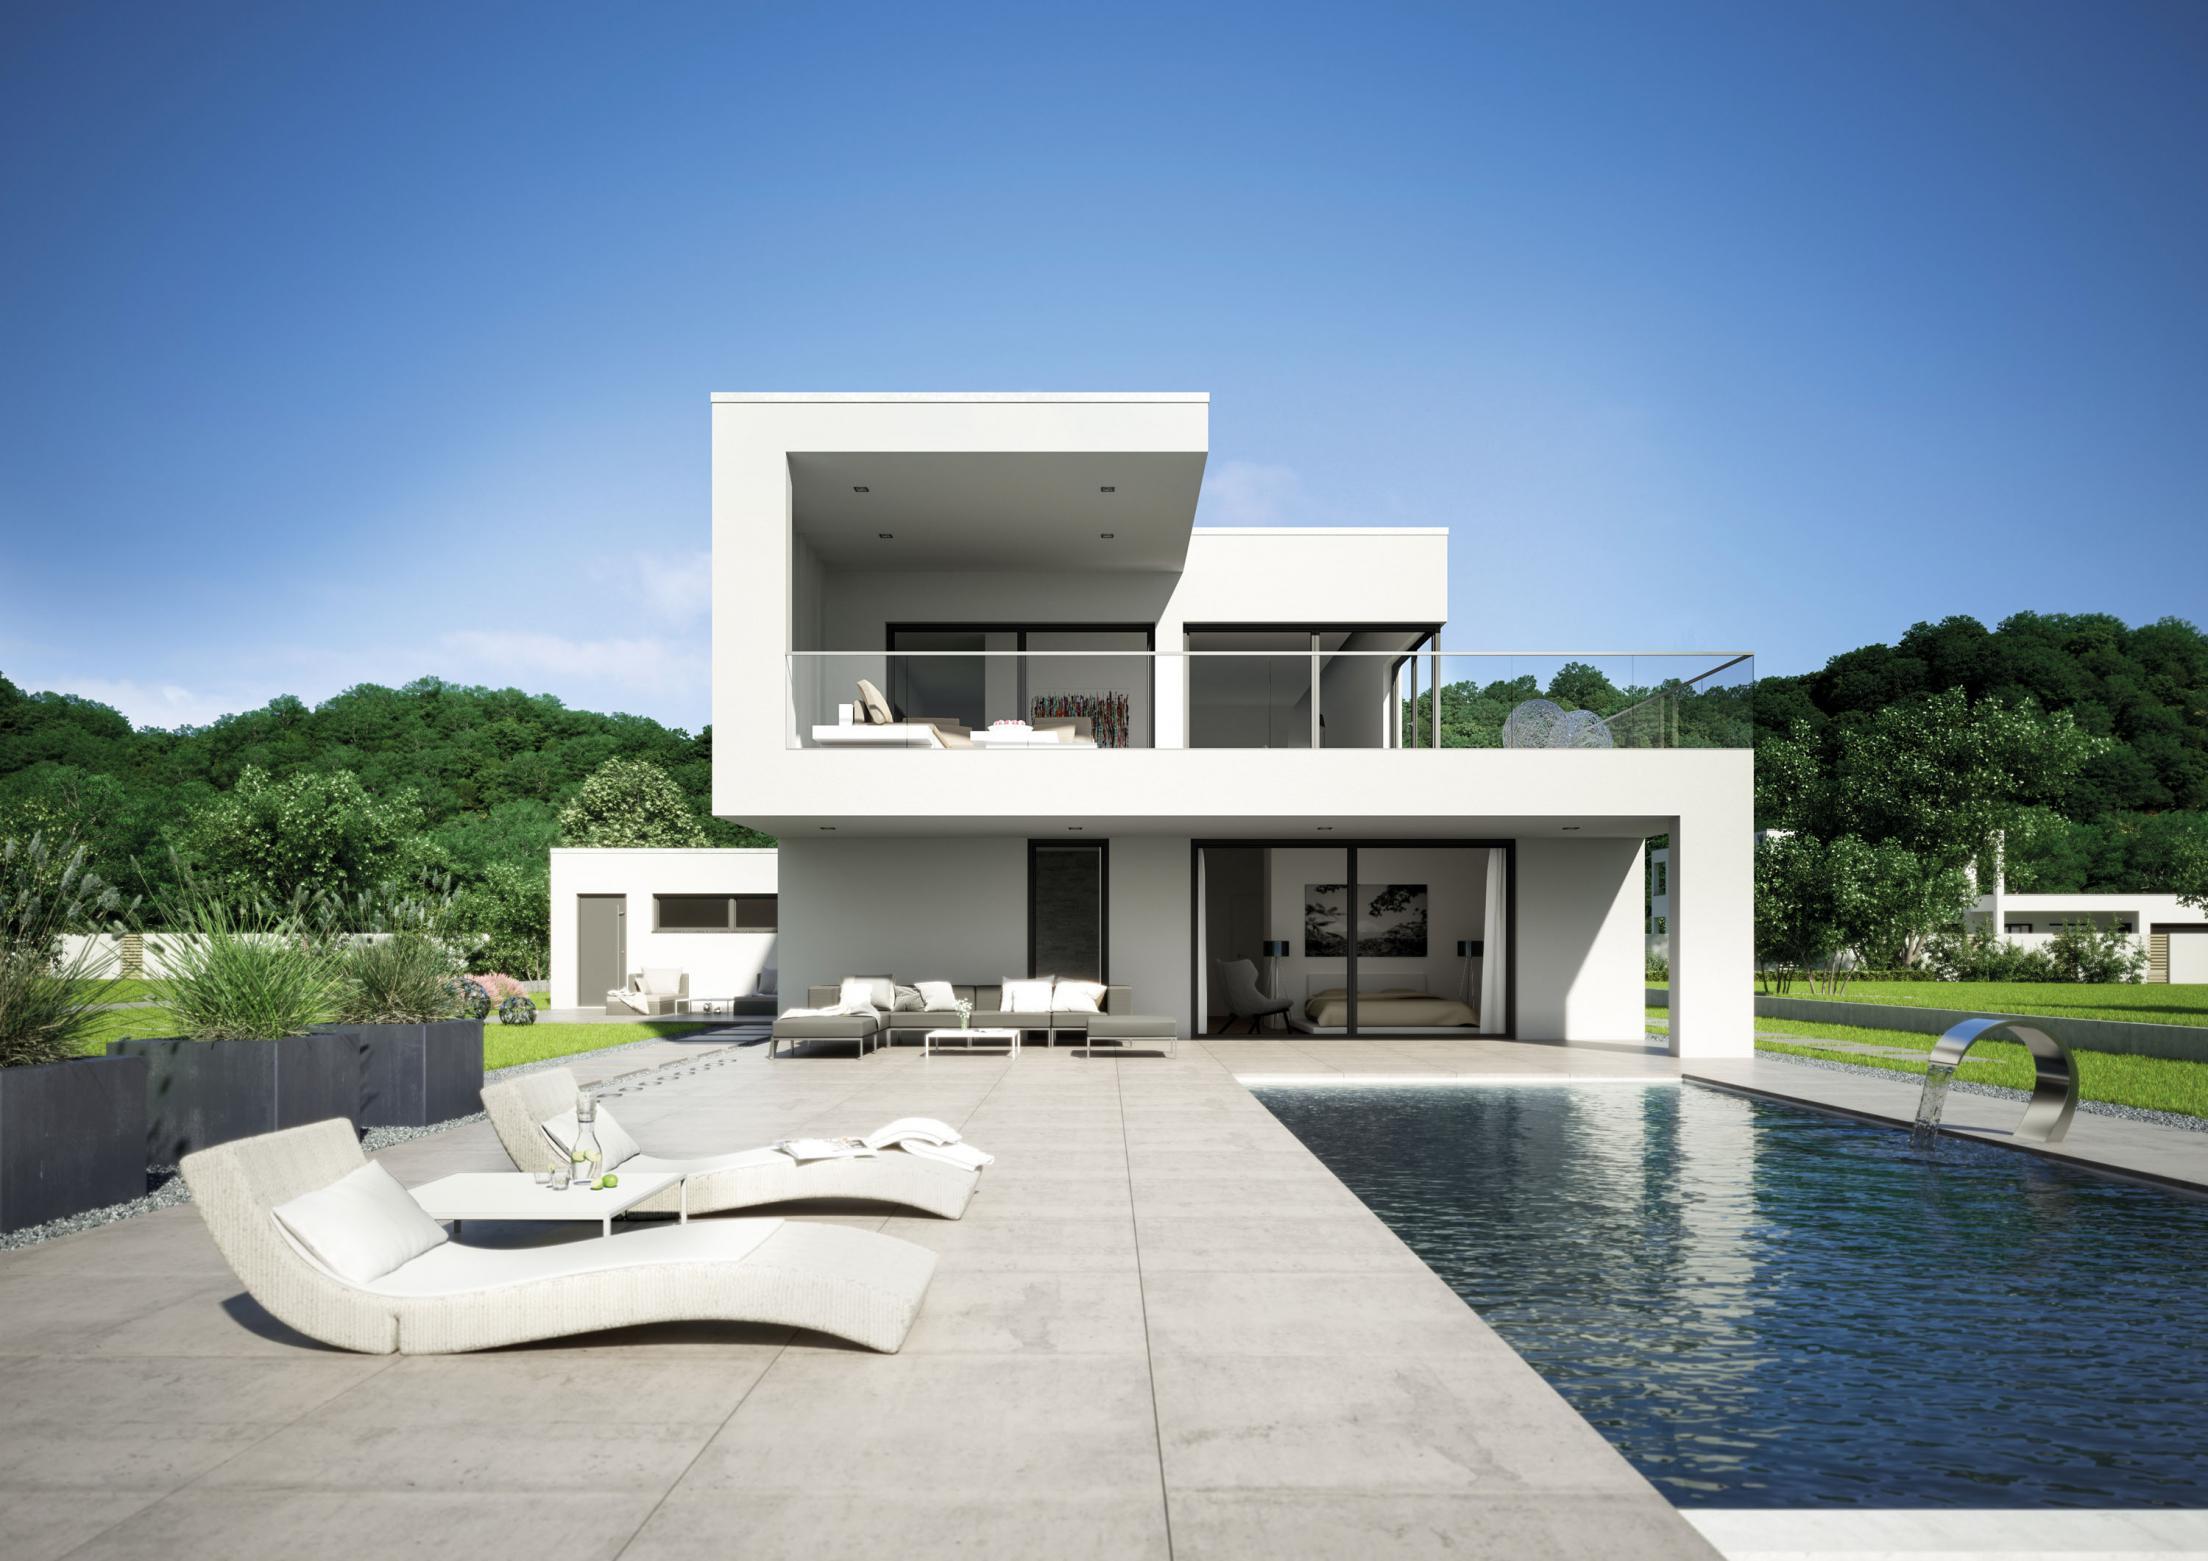 Architektenhaus arta die moderne kunst des wohnens winner architecture - Moderne architektenhauser ...